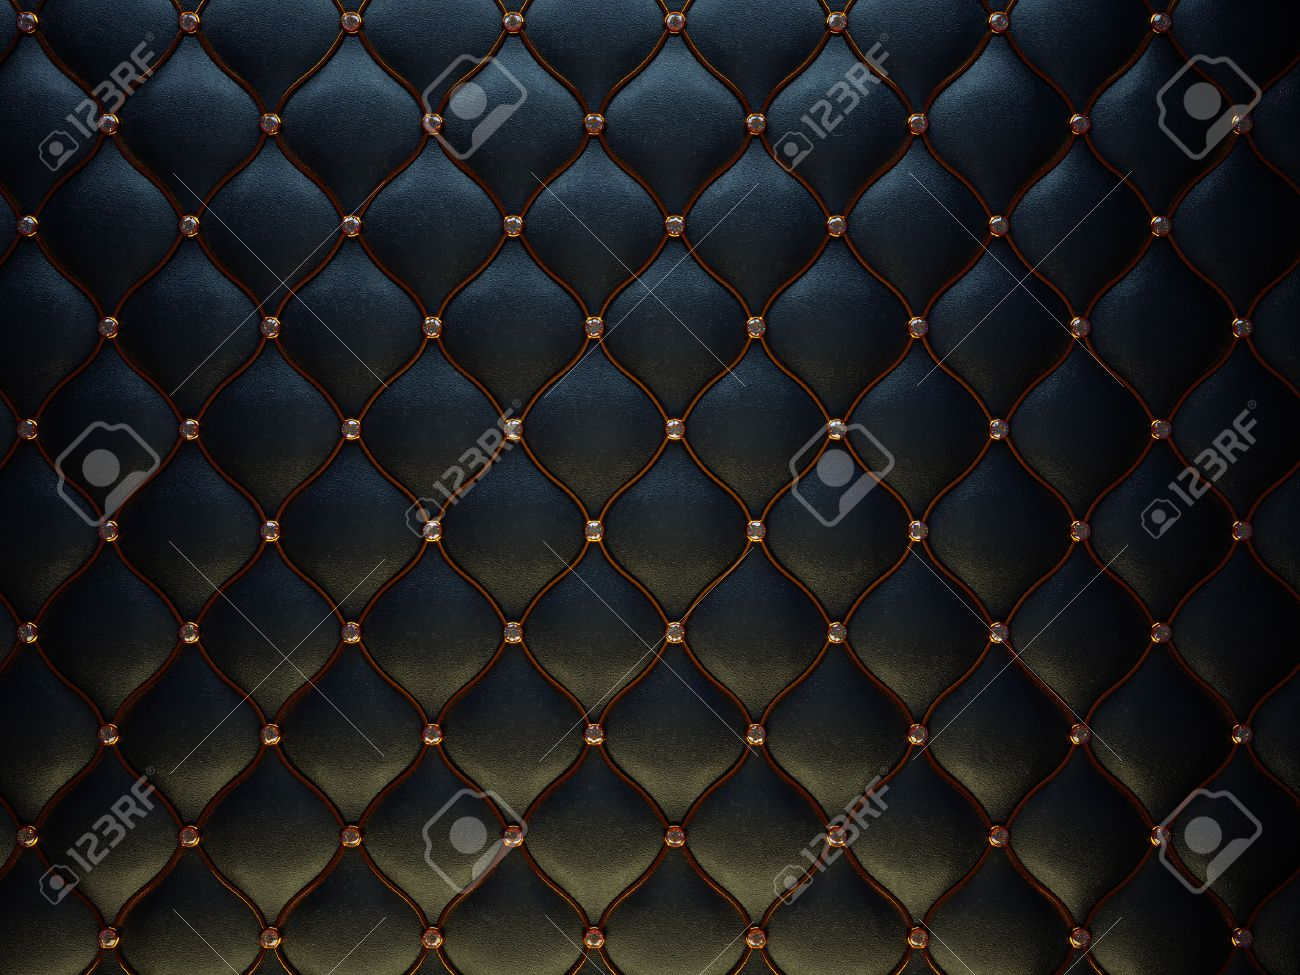 Schwarzes Leder-Muster Mit Goldenen Draht Und Diamanten. Stieß ...